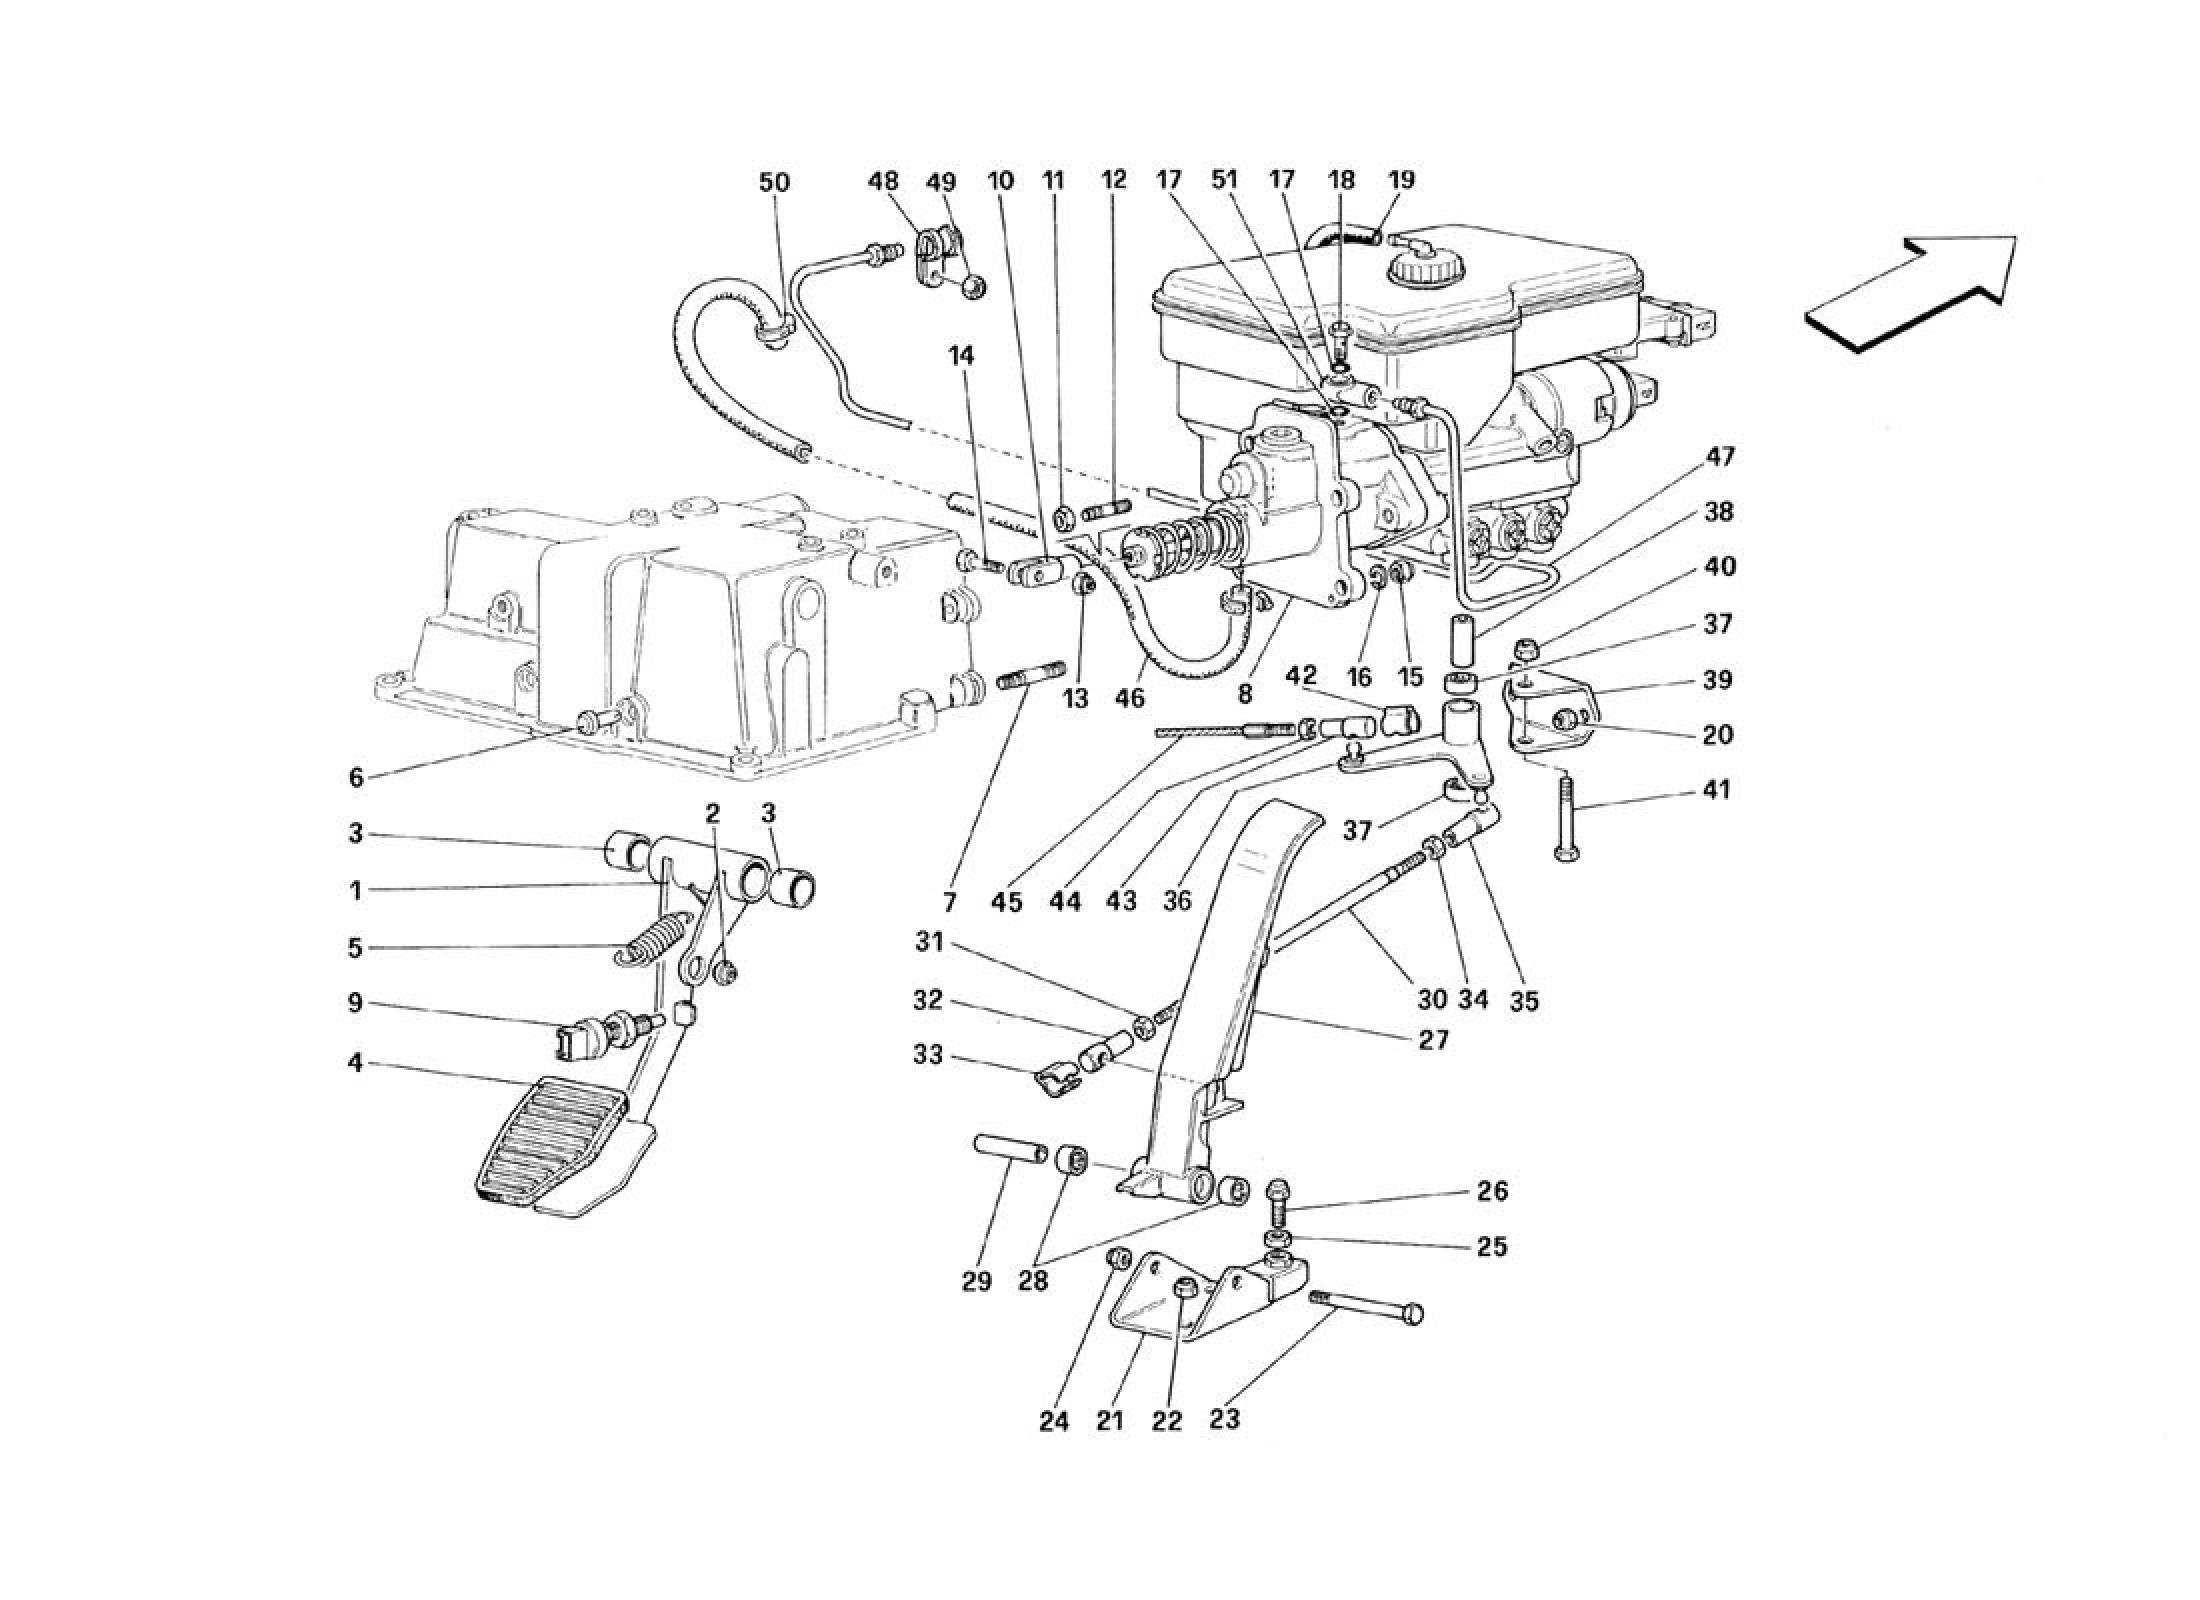 Ferrari 348 Brake Hydraulic System